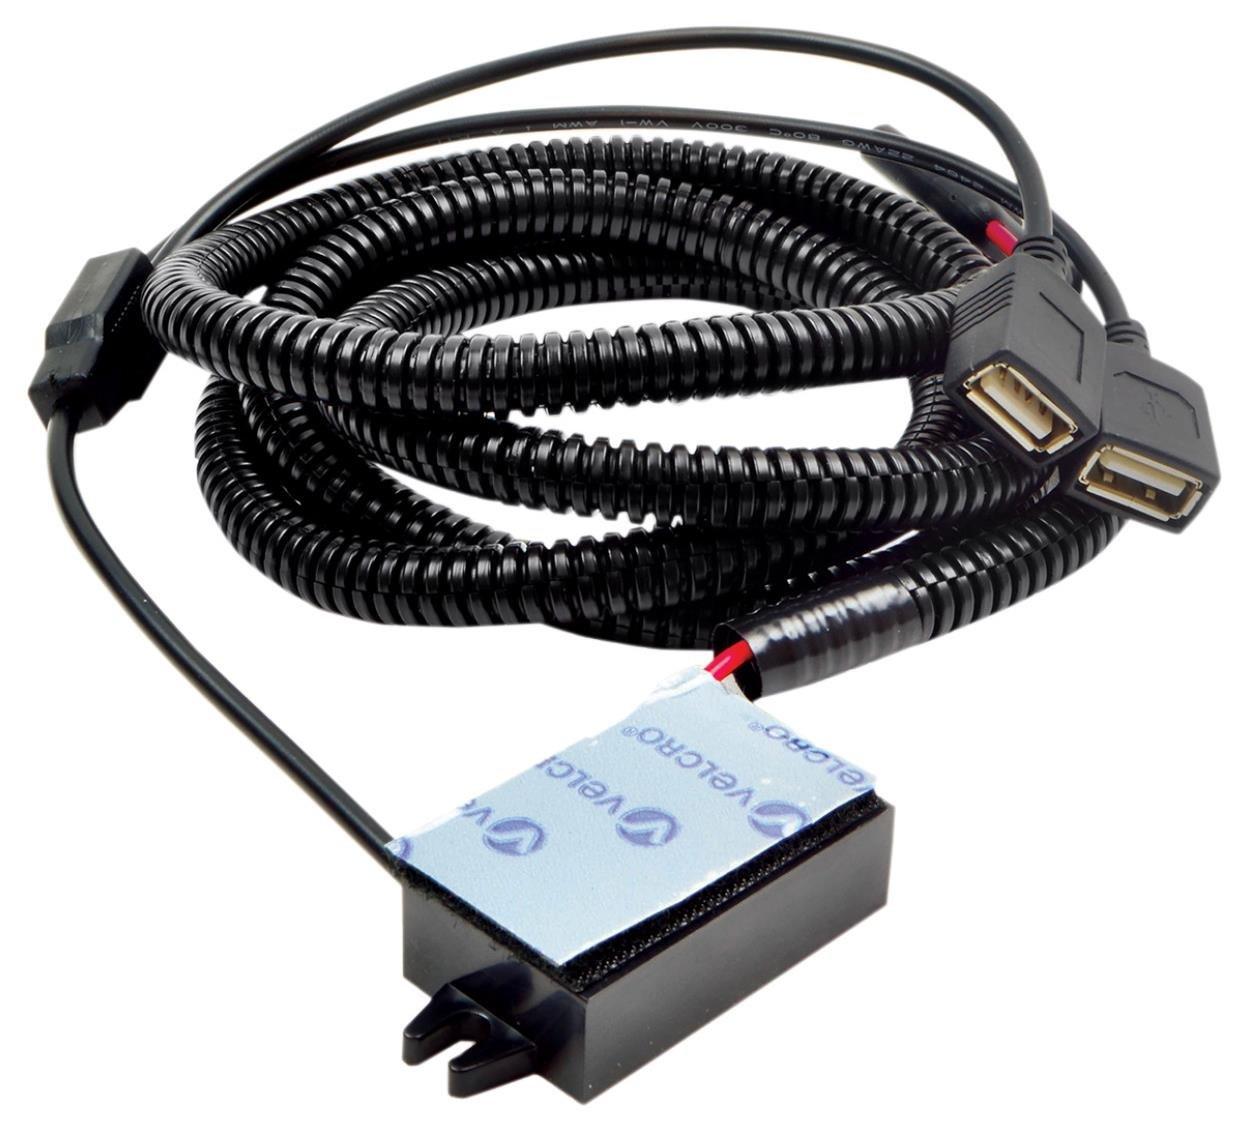 RSI Racing Dual USB Power Cable USB-P by RSI Racing